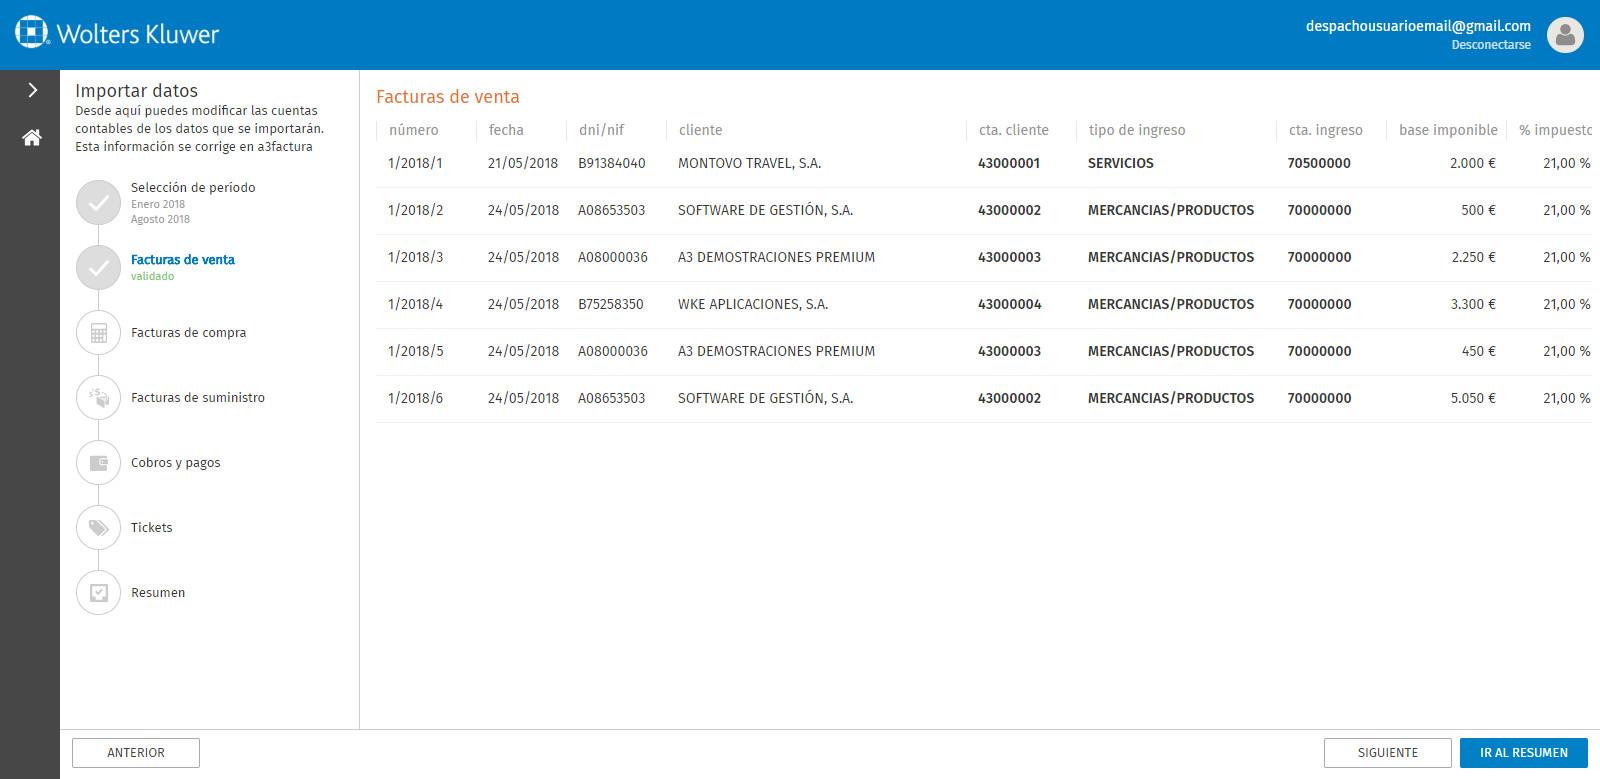 Portal a3factura Importar datos Facturas de venta